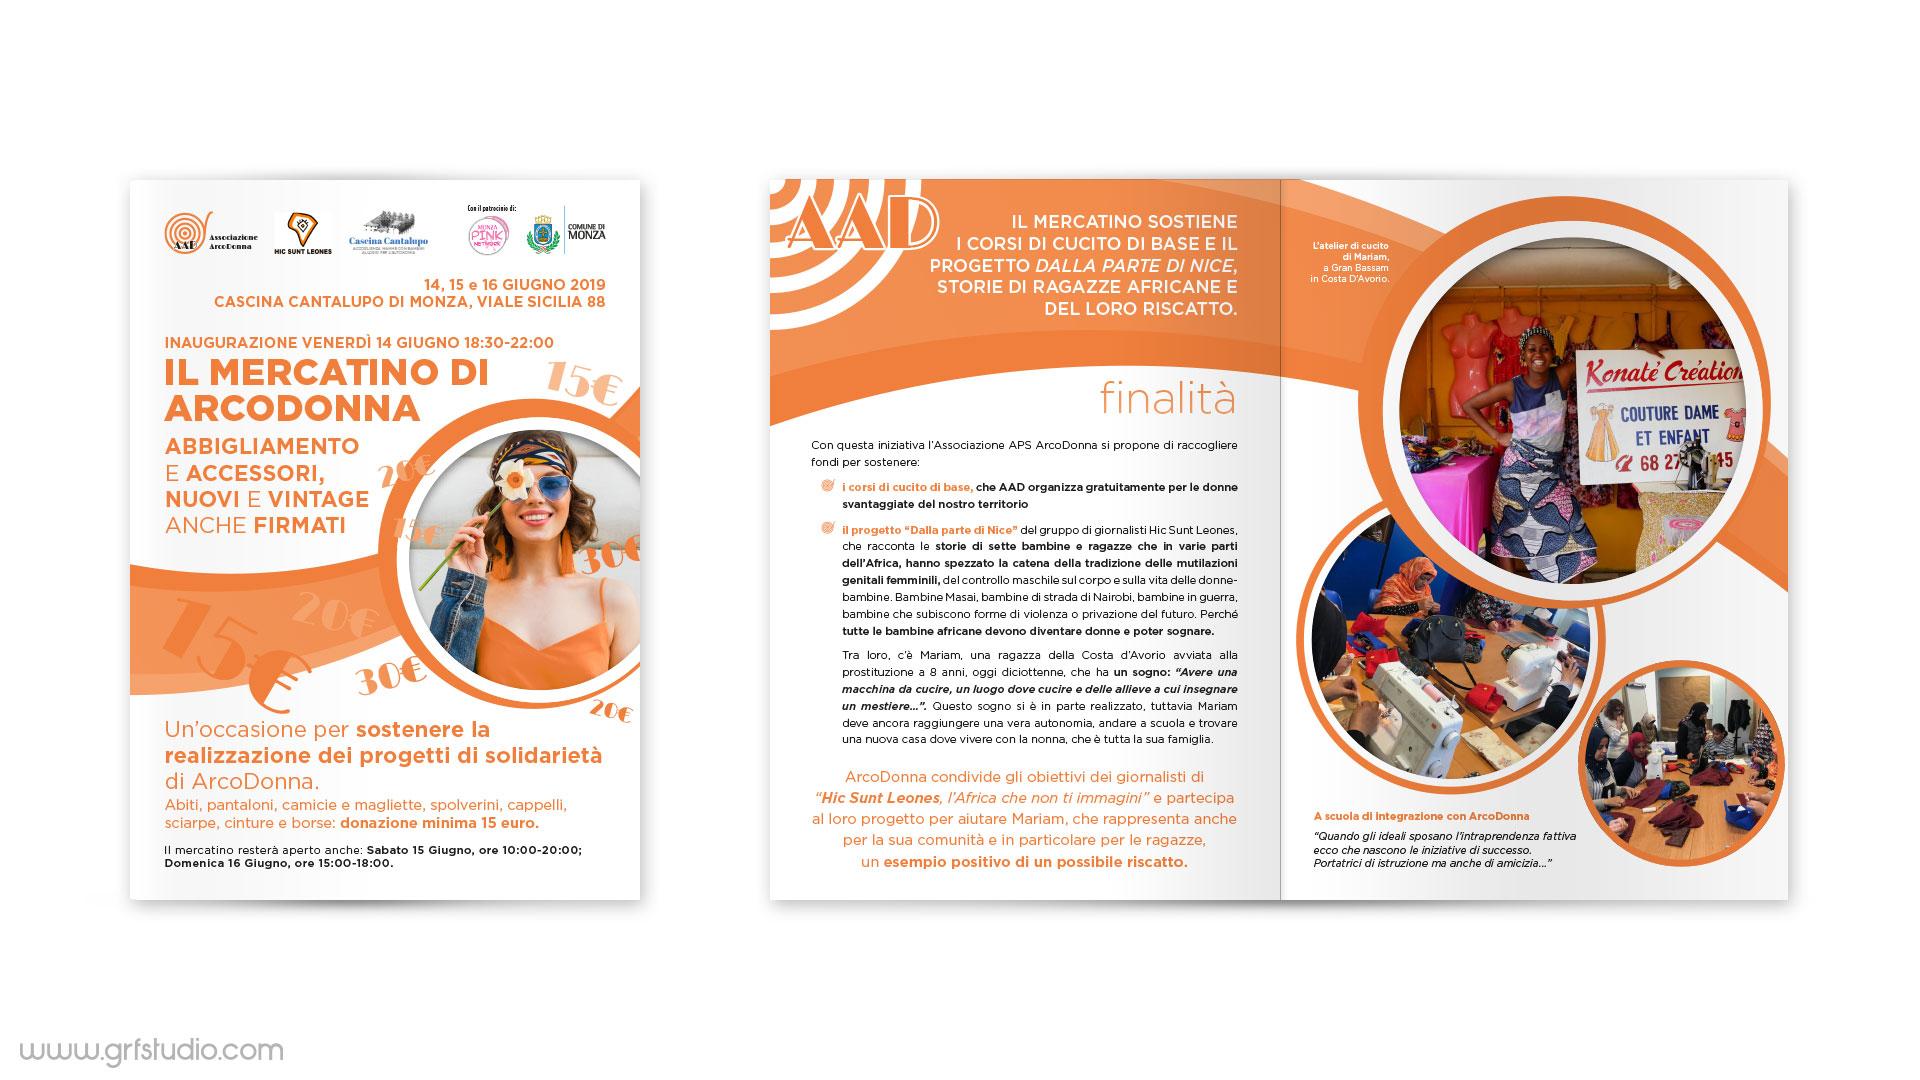 agenzia di comunicazione; grafica e advertising